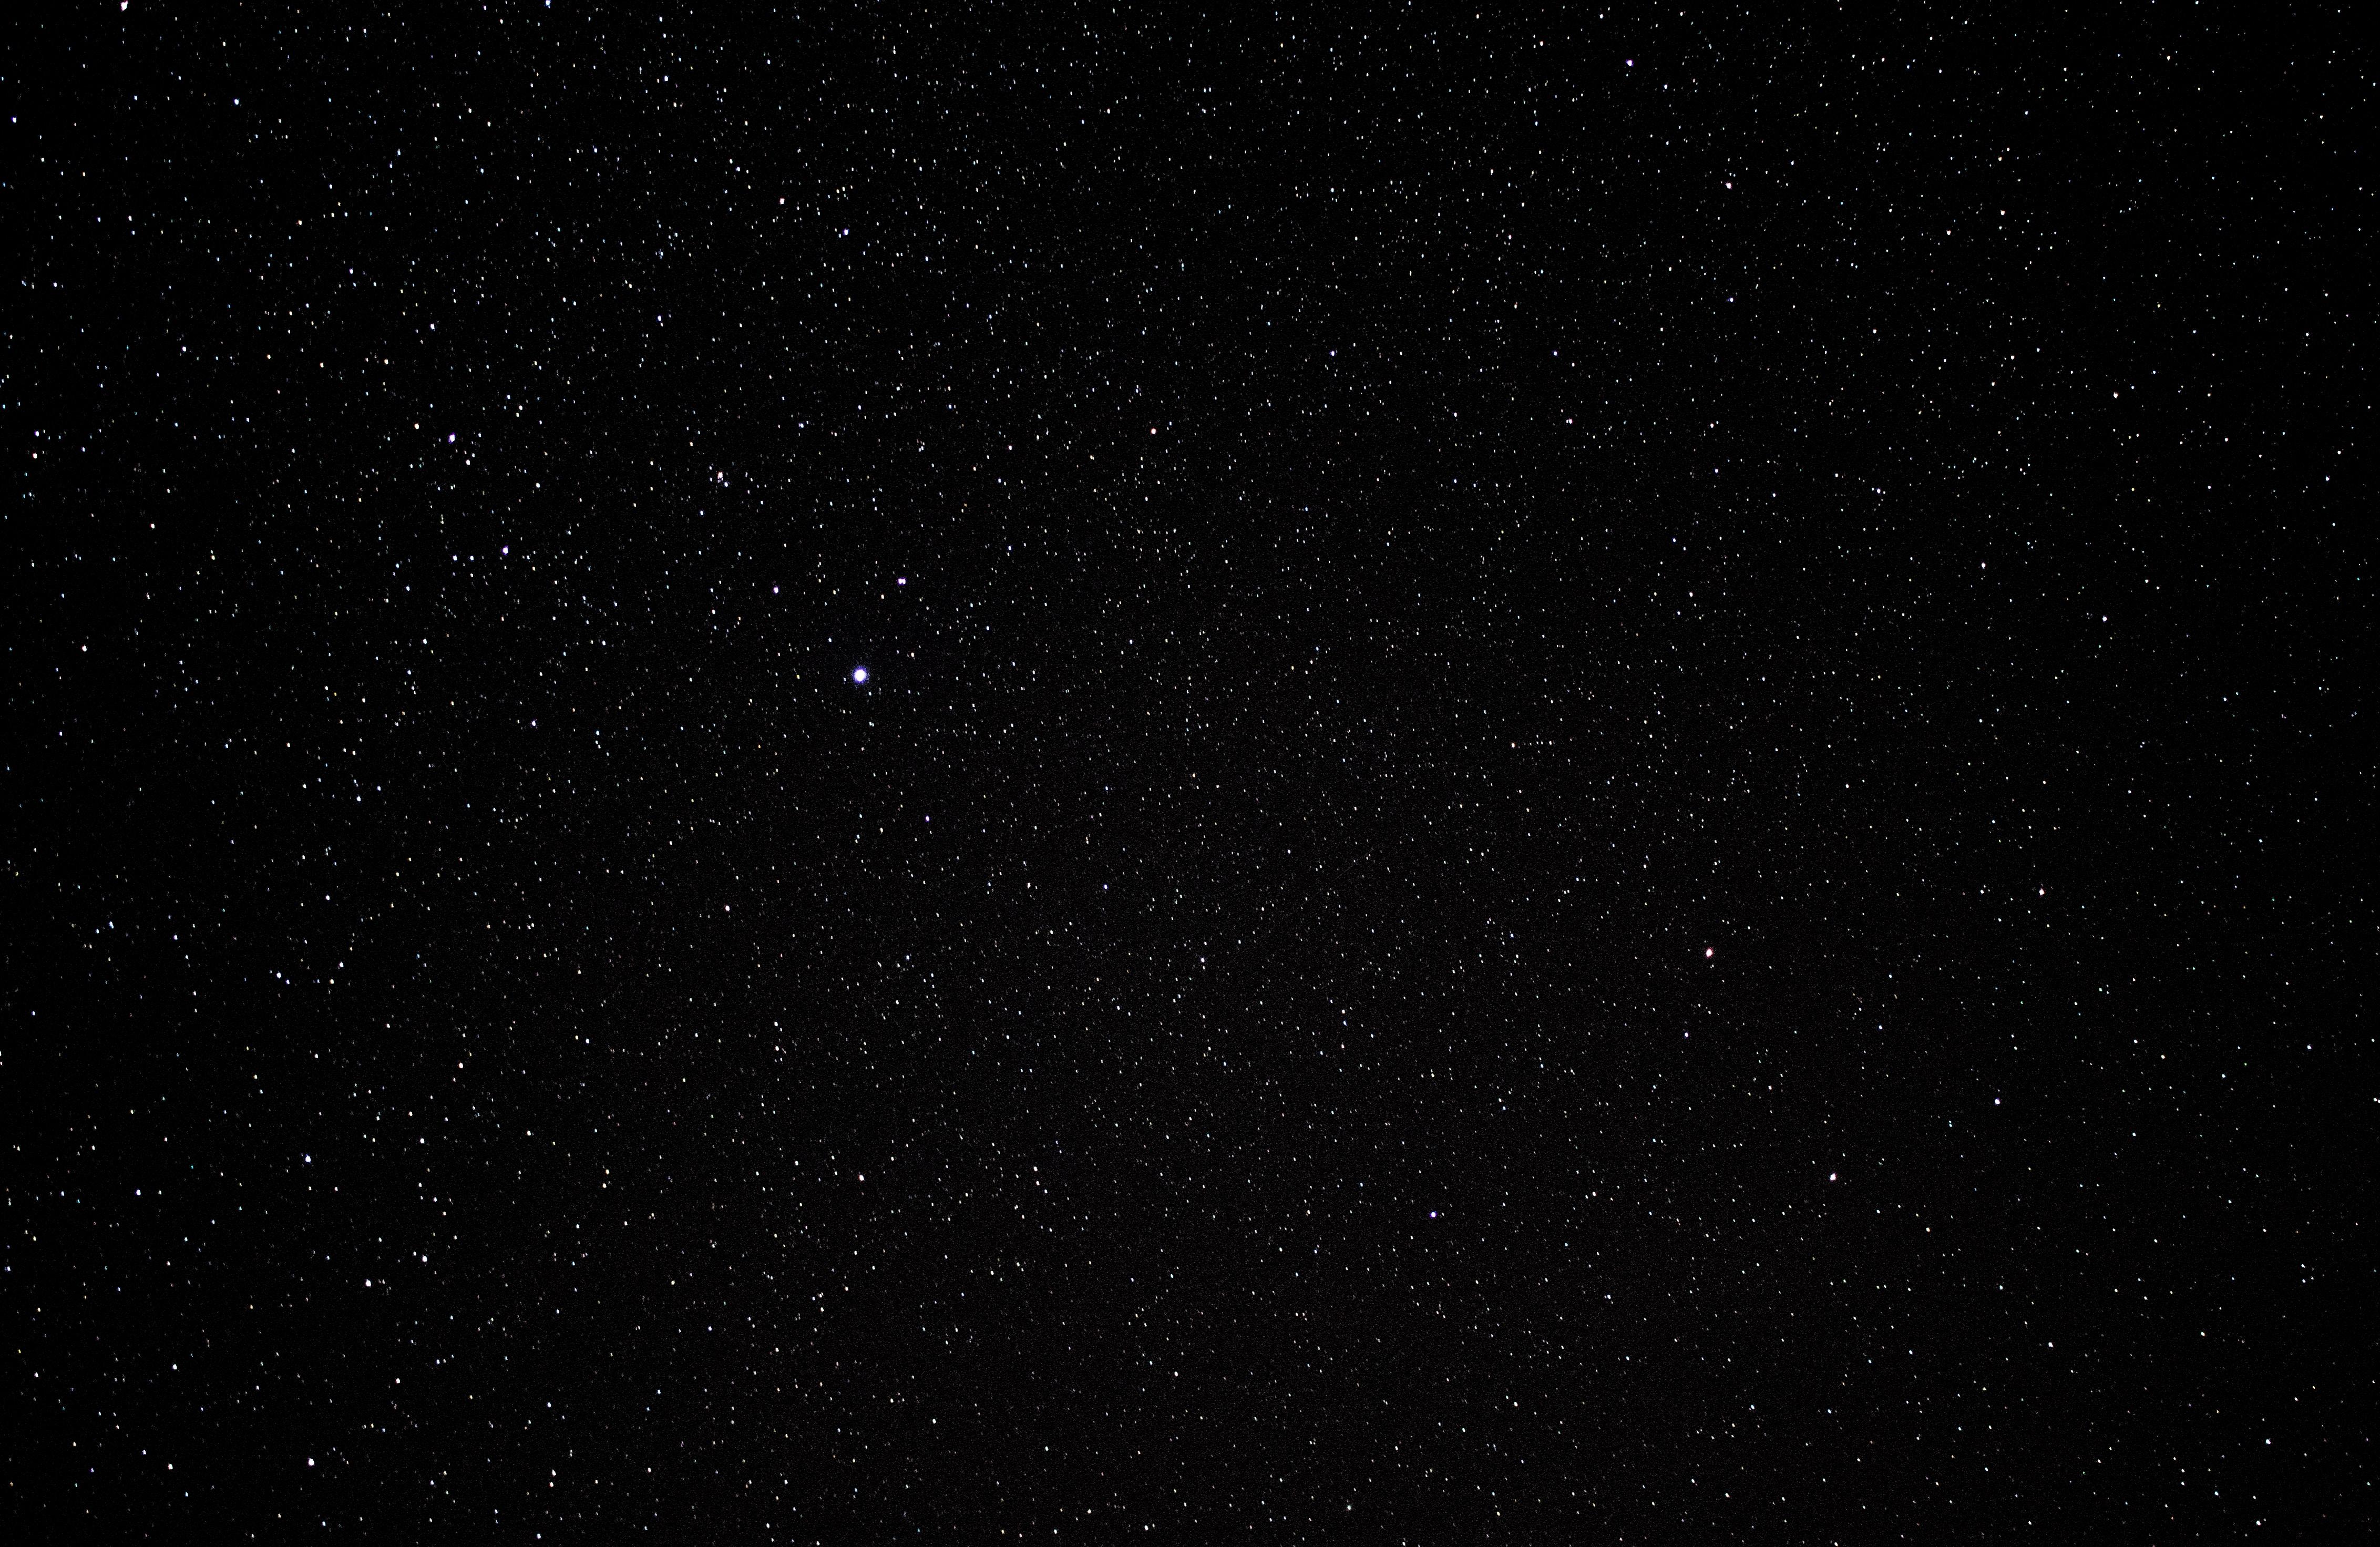 111492 обои 1440x2560 на телефон бесплатно, скачать картинки Черный, Космос, Звезды, Звездное Небо, Блеск 1440x2560 на мобильный